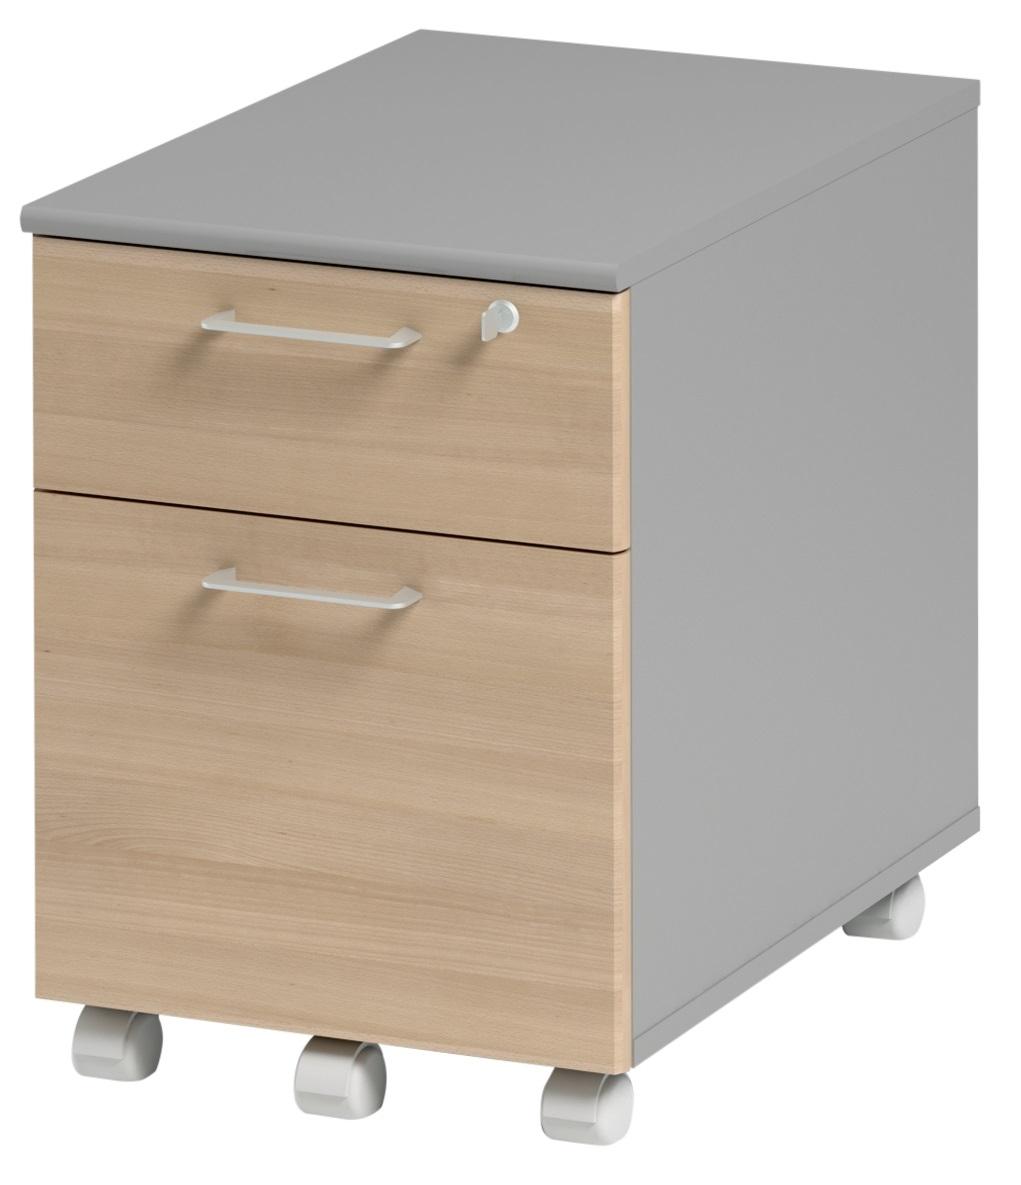 Ladeblok Jazz 1 van 60 cm hoog in beuken met licht grijs | Gamillo Furniture